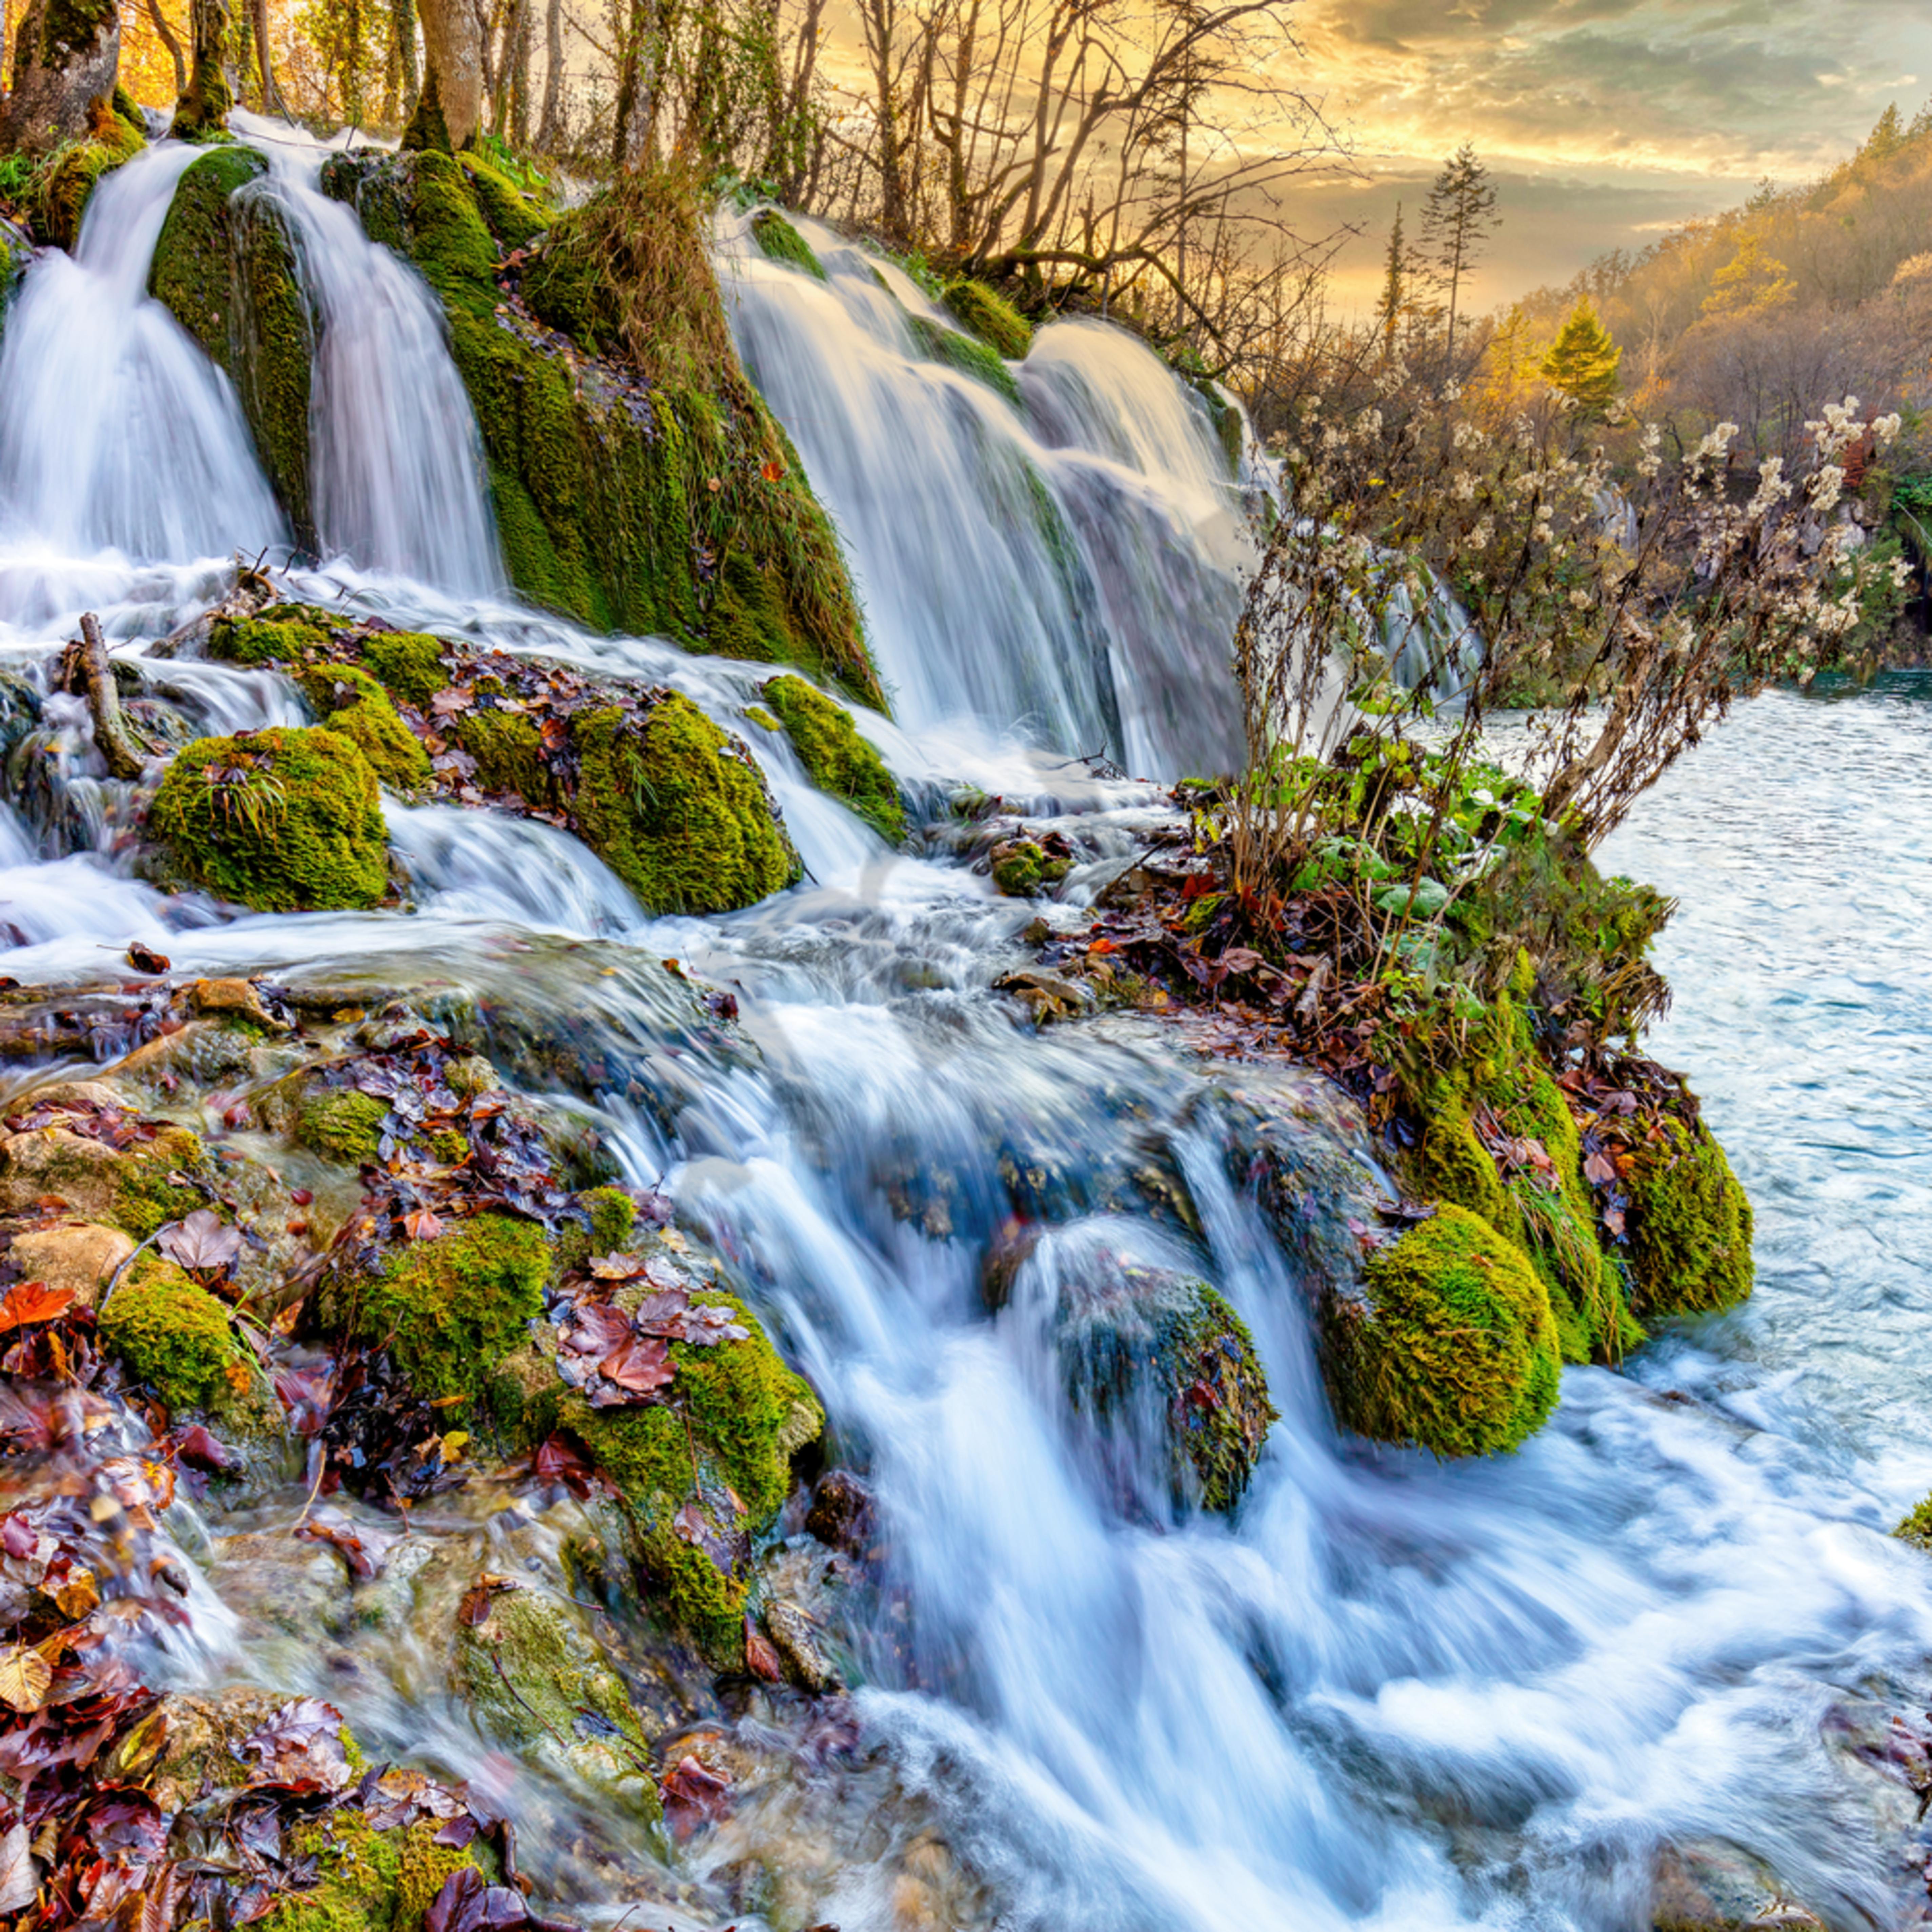 Twin waterfall in plitvice croatia dtxqgf